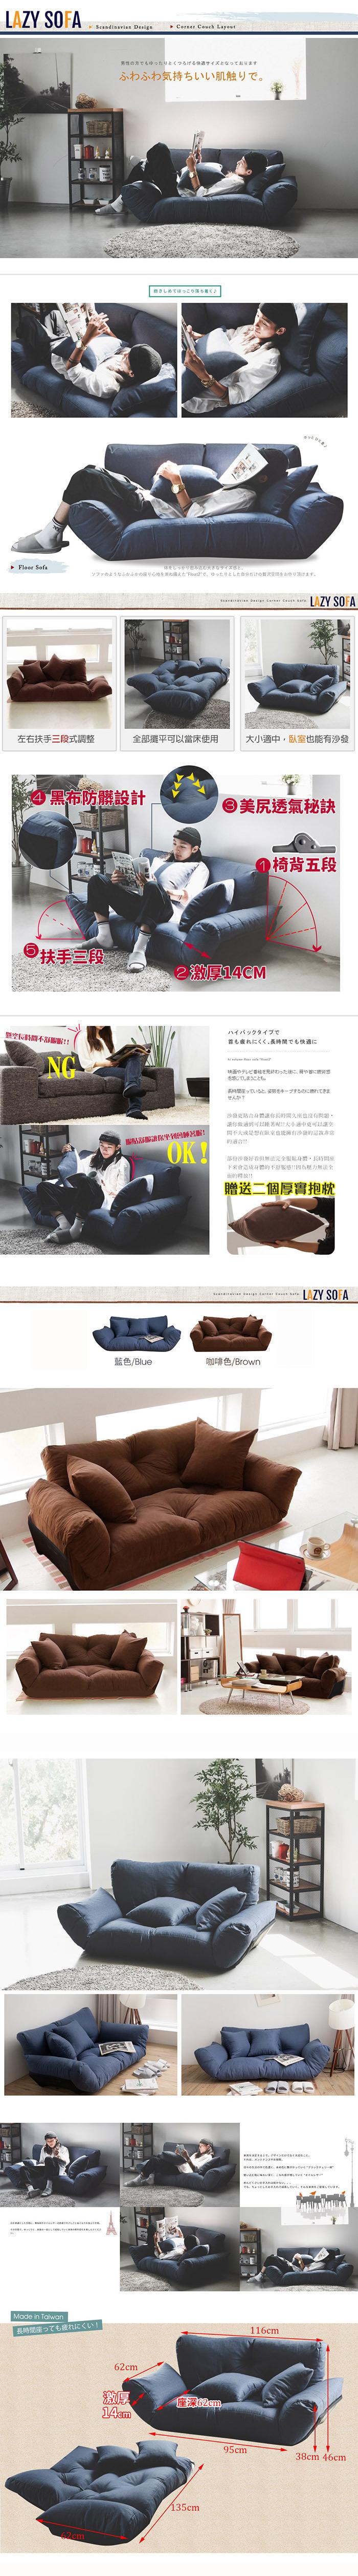 完美主義-沙發-雙人沙發-沙發床-布沙發-和室椅